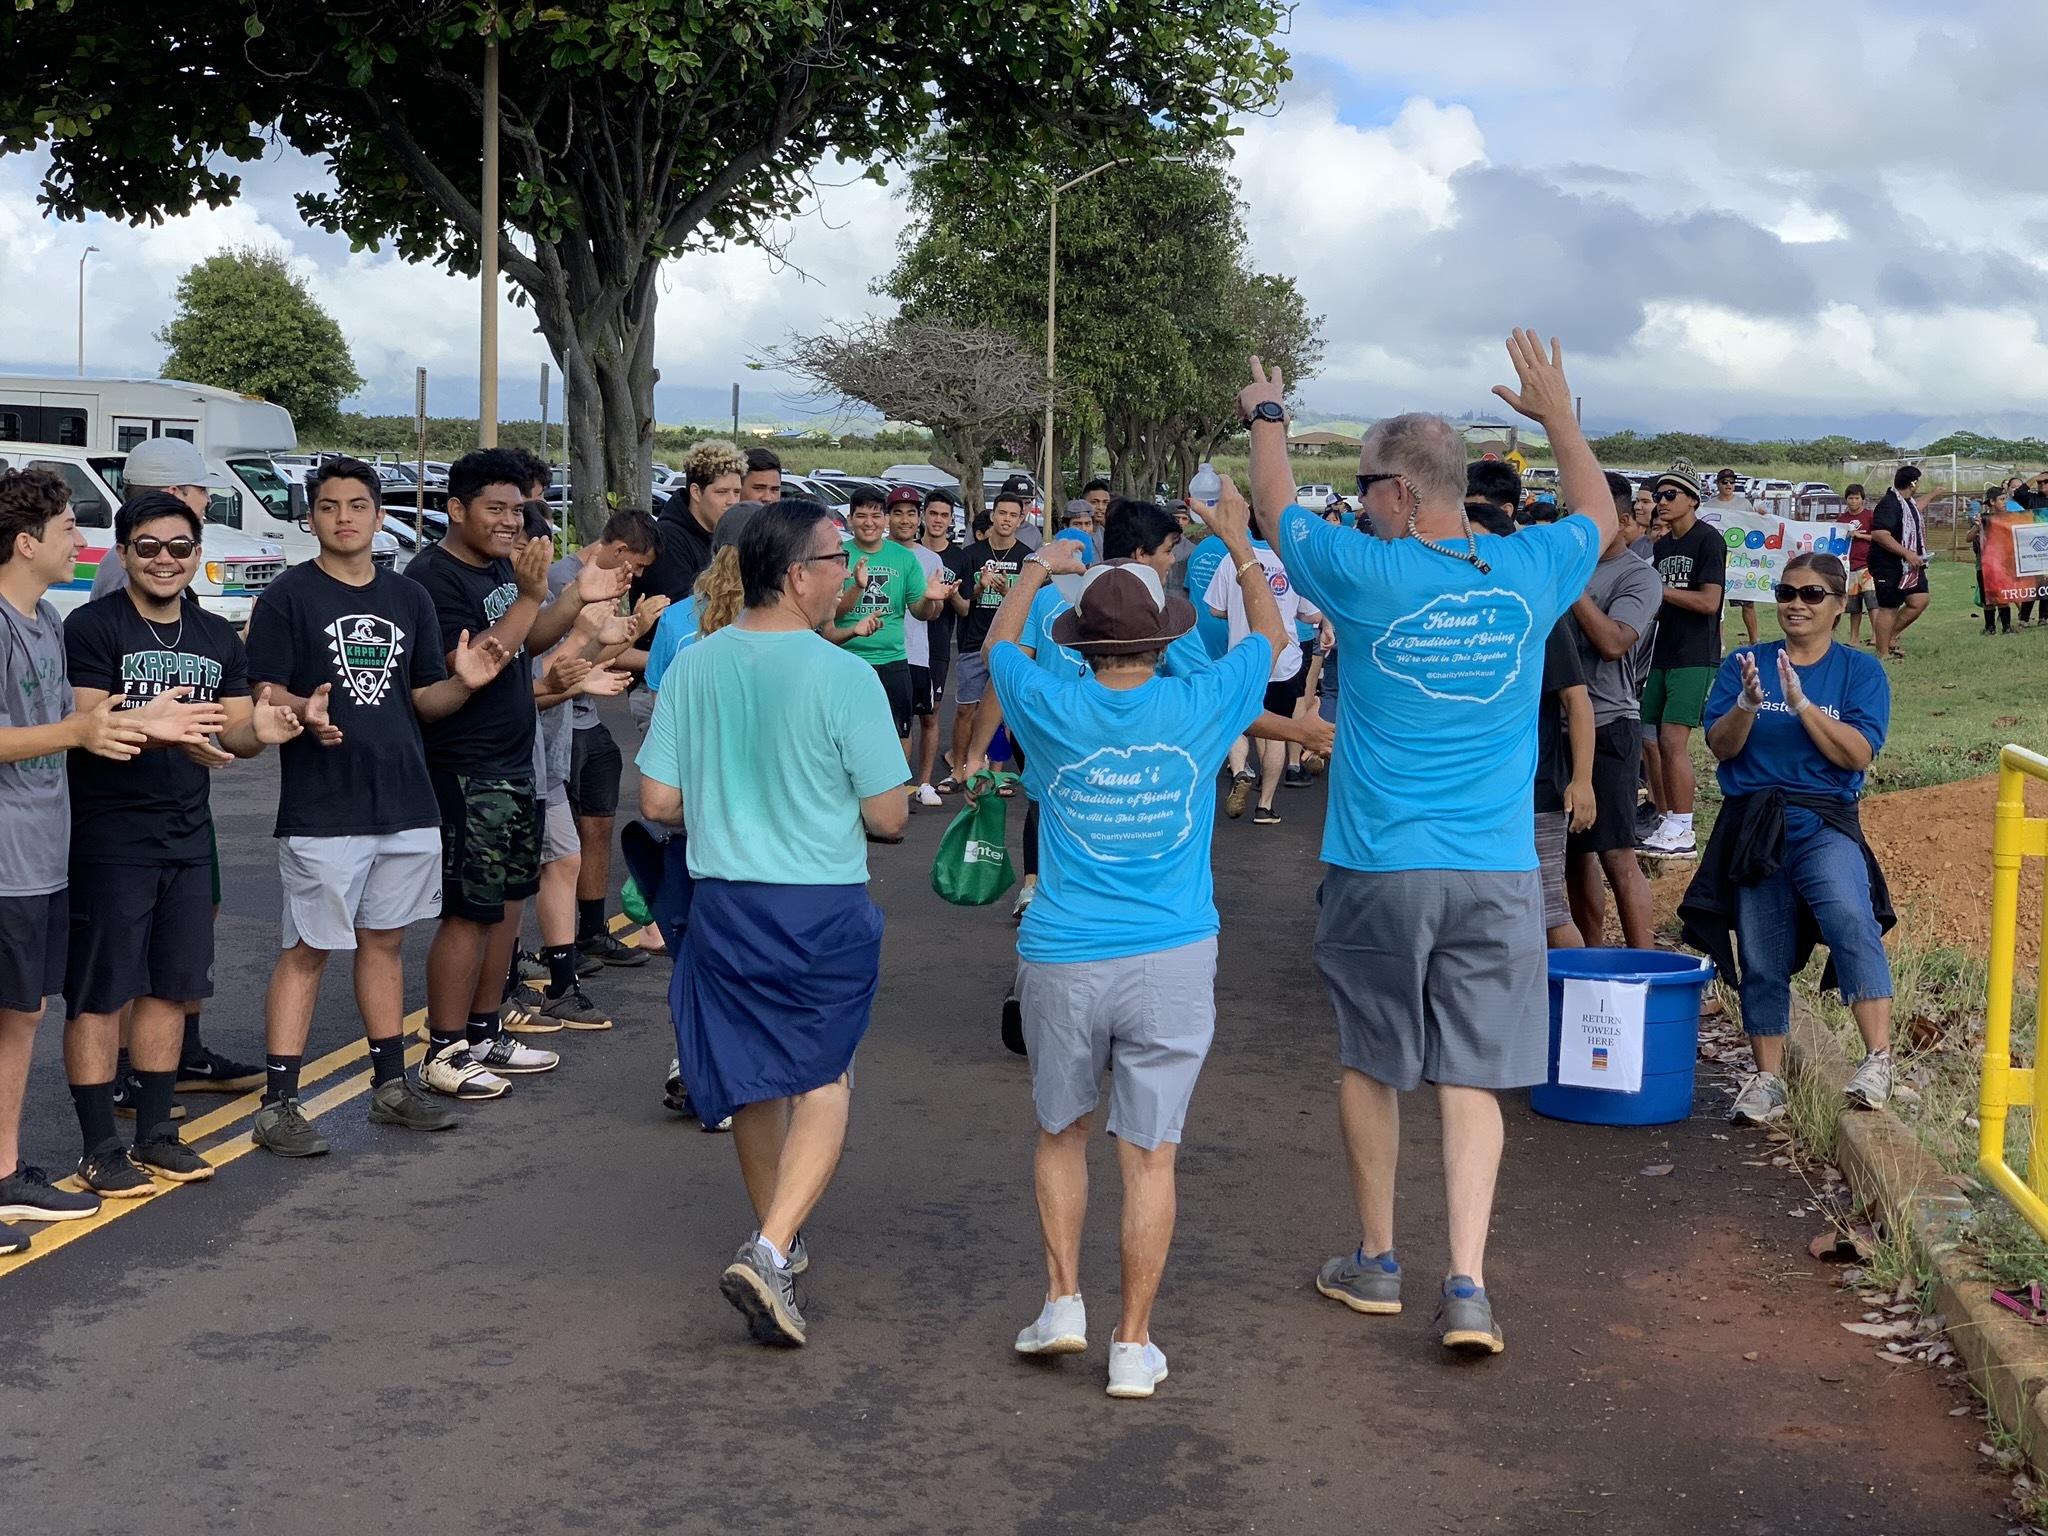 Kauai img 0075